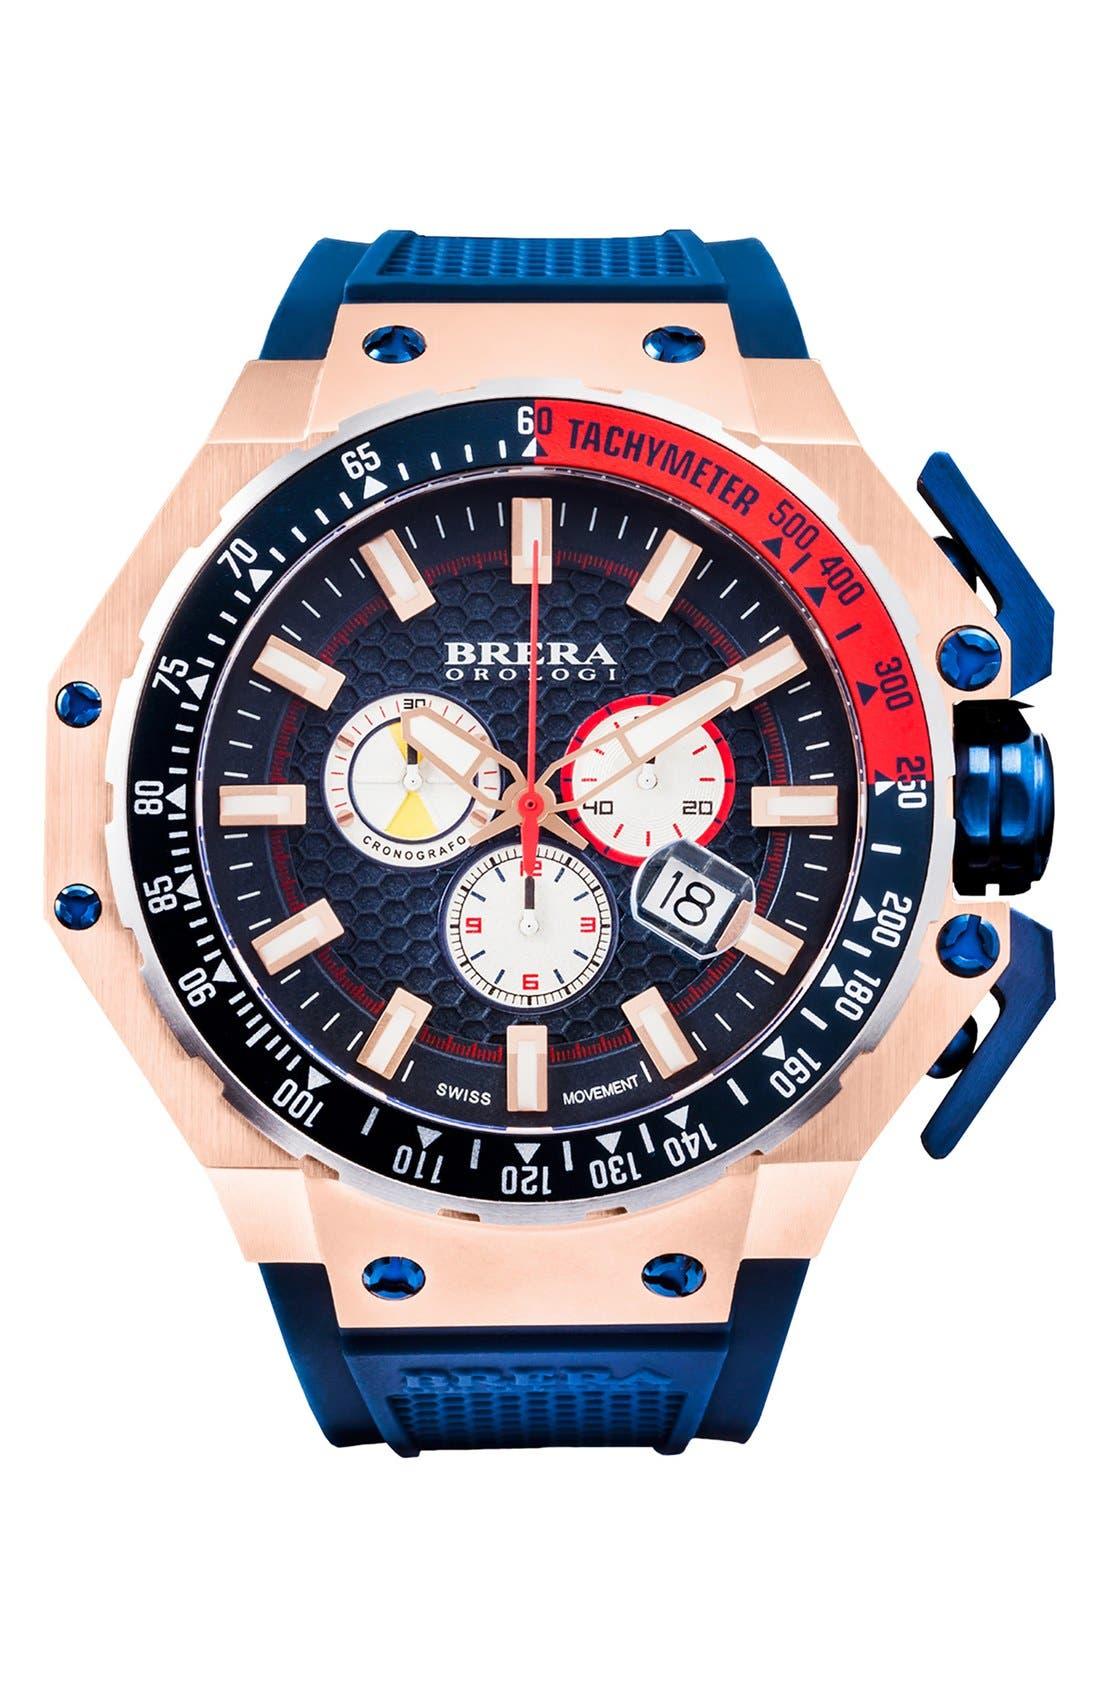 Main Image - Brera 'Gran Turismo' Chronograph Silicone Strap Watch, 54mm